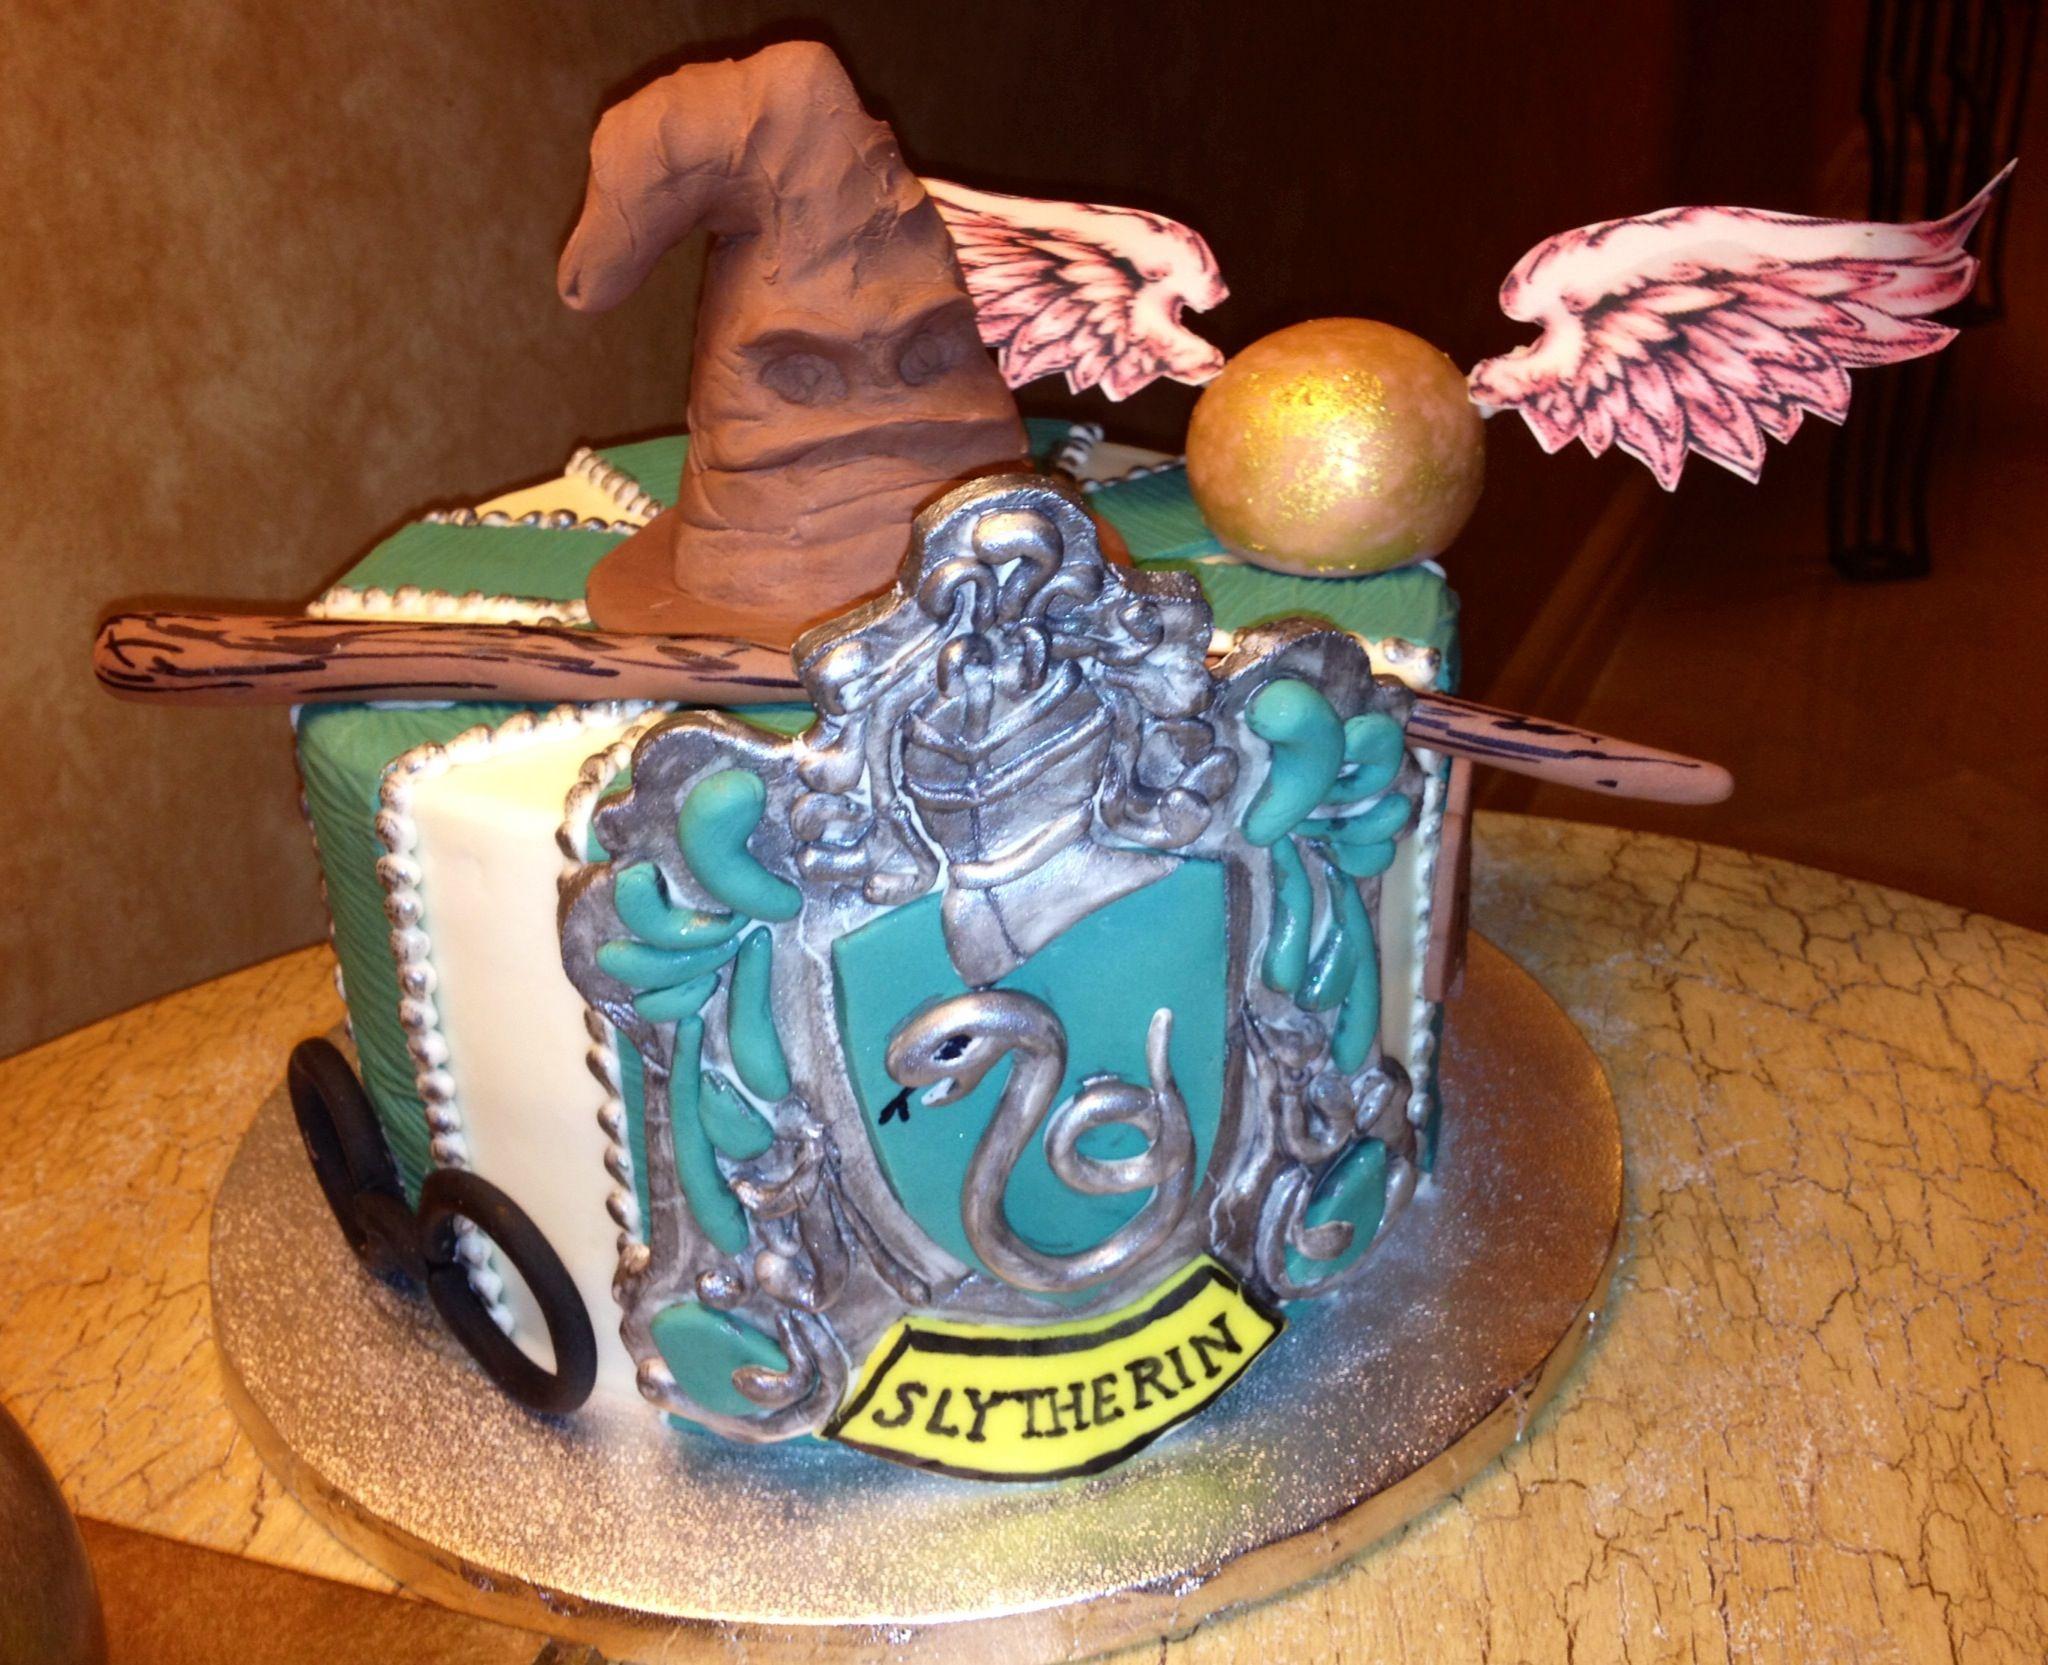 Slytherin cake made by my friend. HarryPotter Slytherin